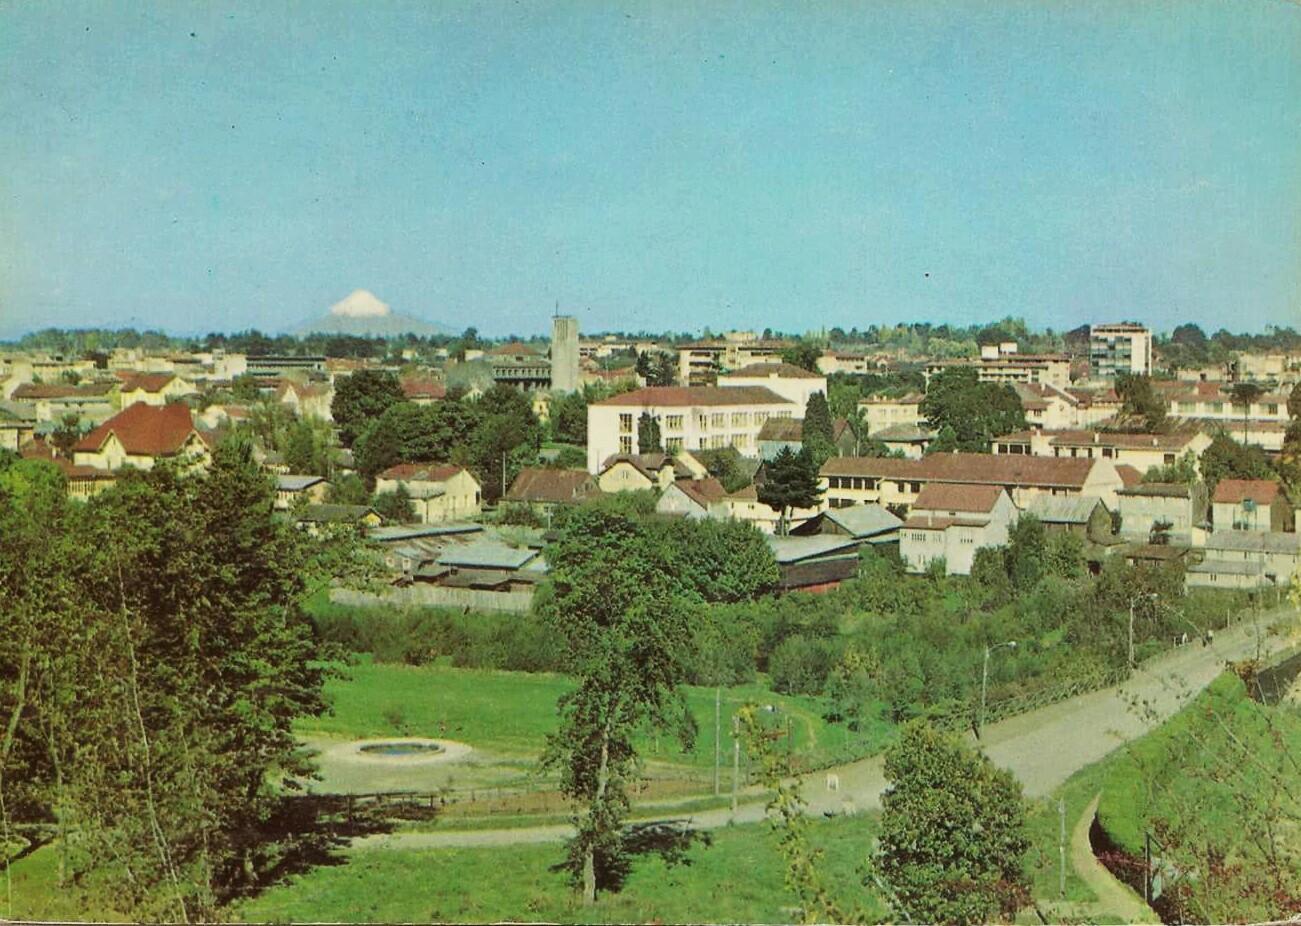 Enterreno - Fotos históricas de chile - fotos antiguas de Chile - Panorámica de Osorno, década del 60